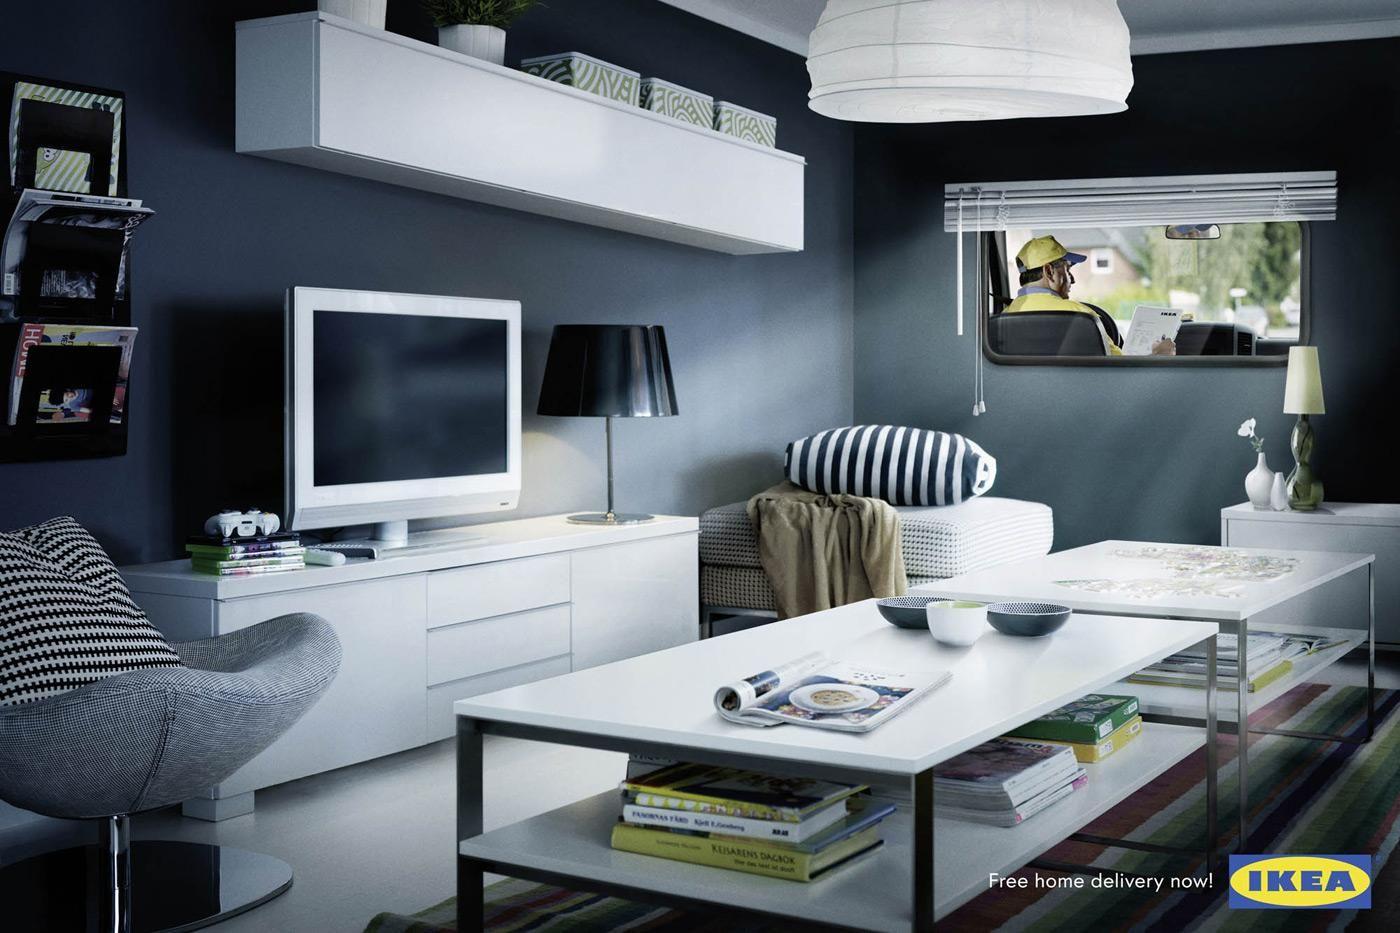 living room planner ikea lig ador store u2022 lig ador store rh lig ador store ikea living room planner us living room planner with ikea furniture